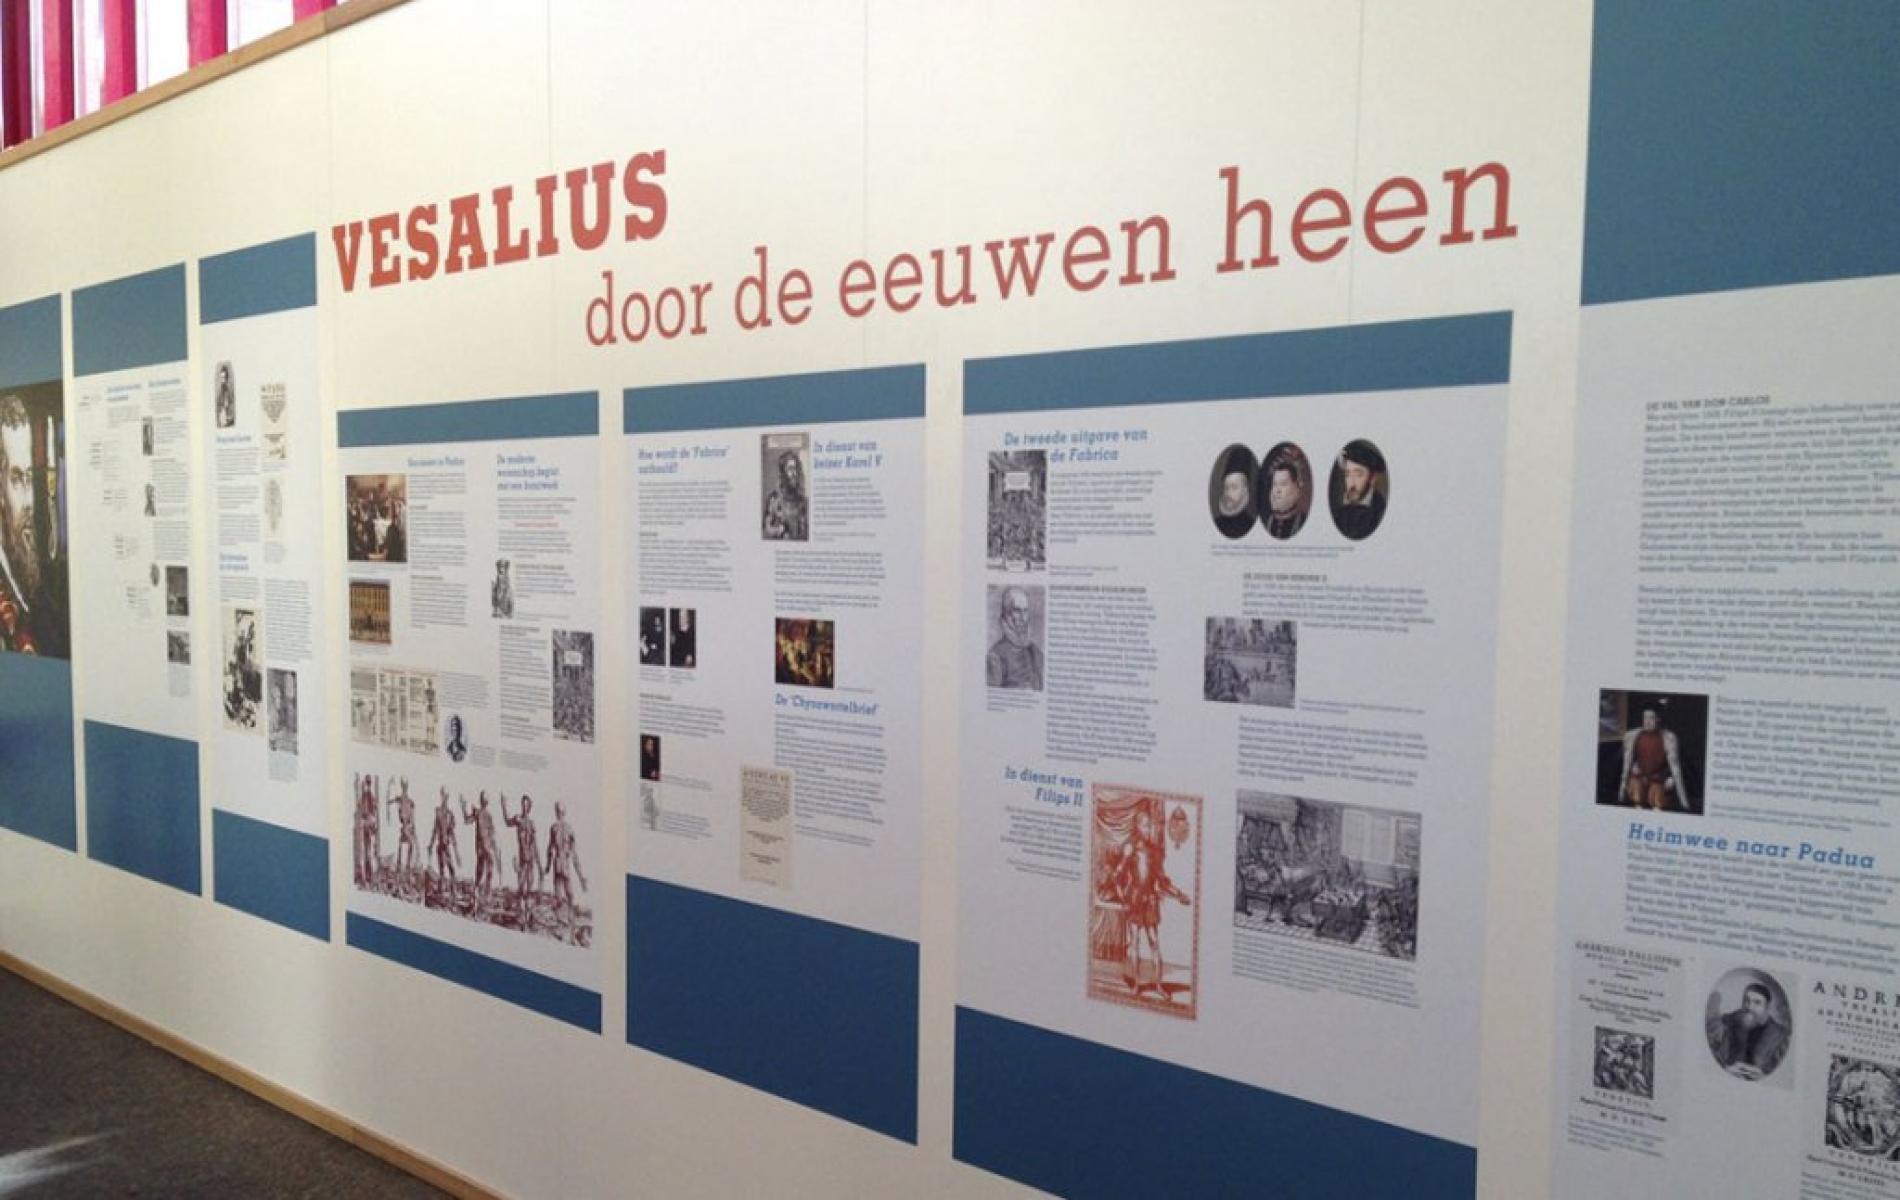 Vesalius door de eeuwen heen